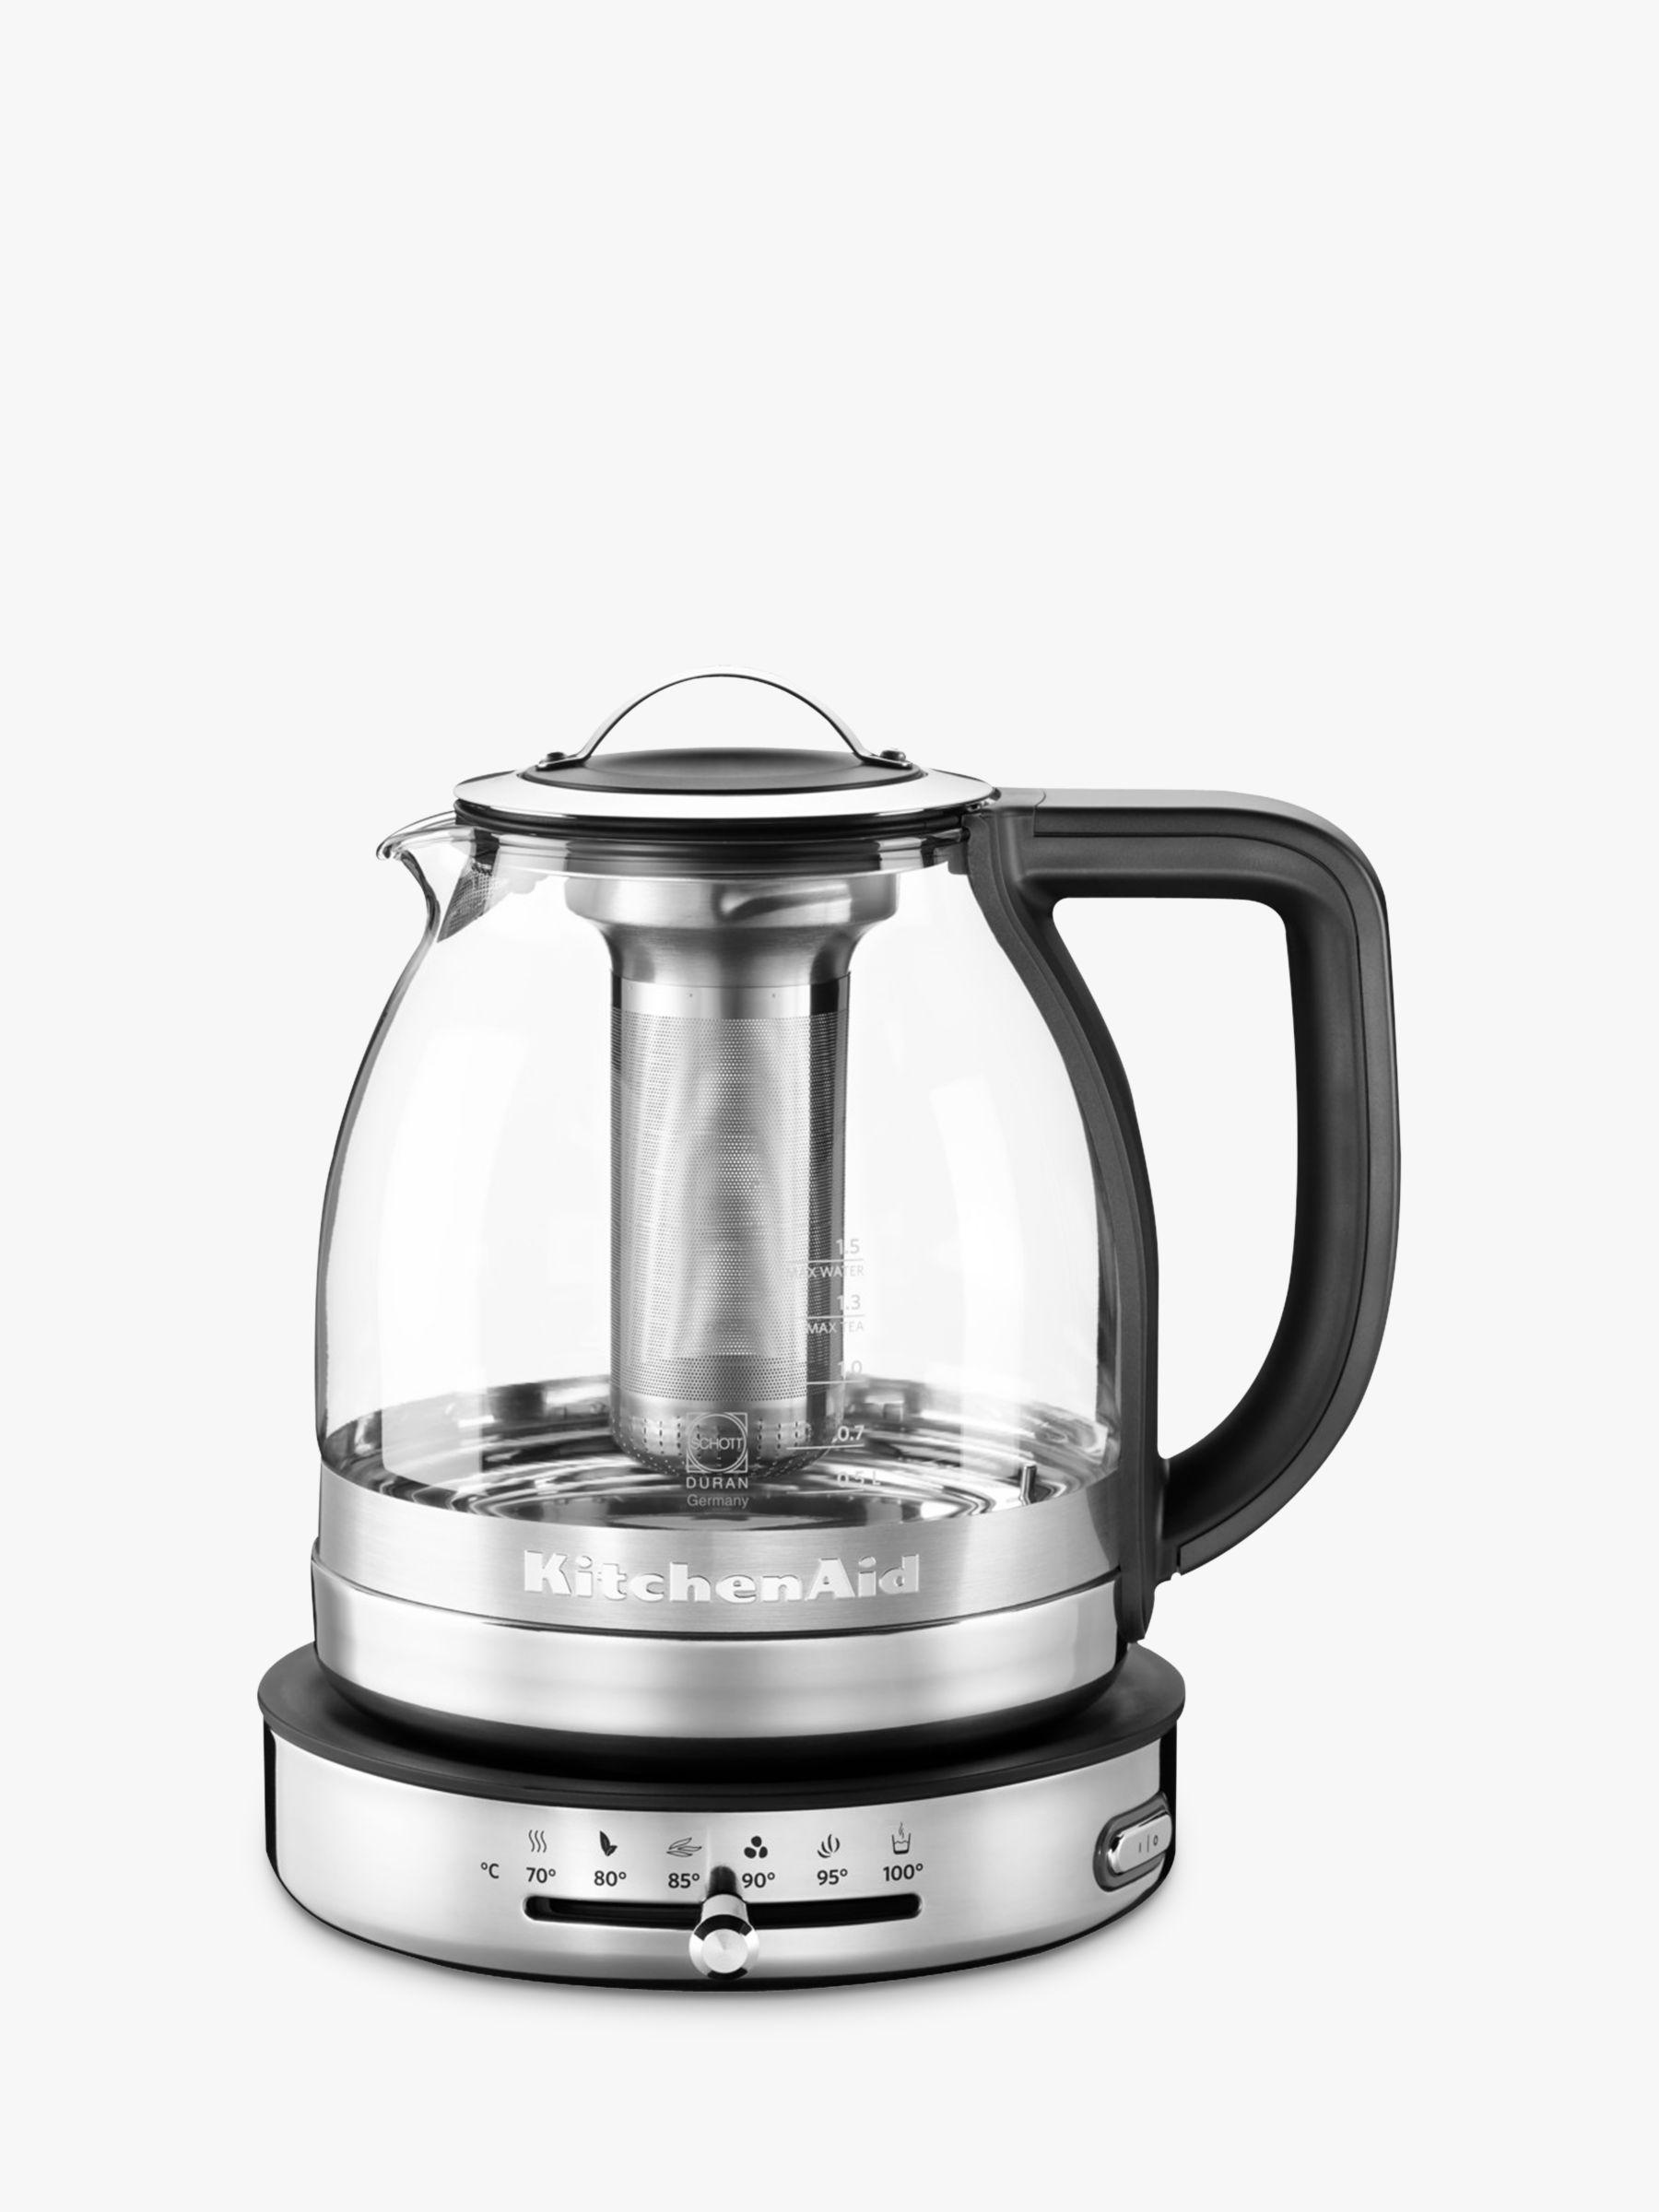 KitchenAid 5KEK1322BSS 1.5L Glass Tea Kettle, Stainless